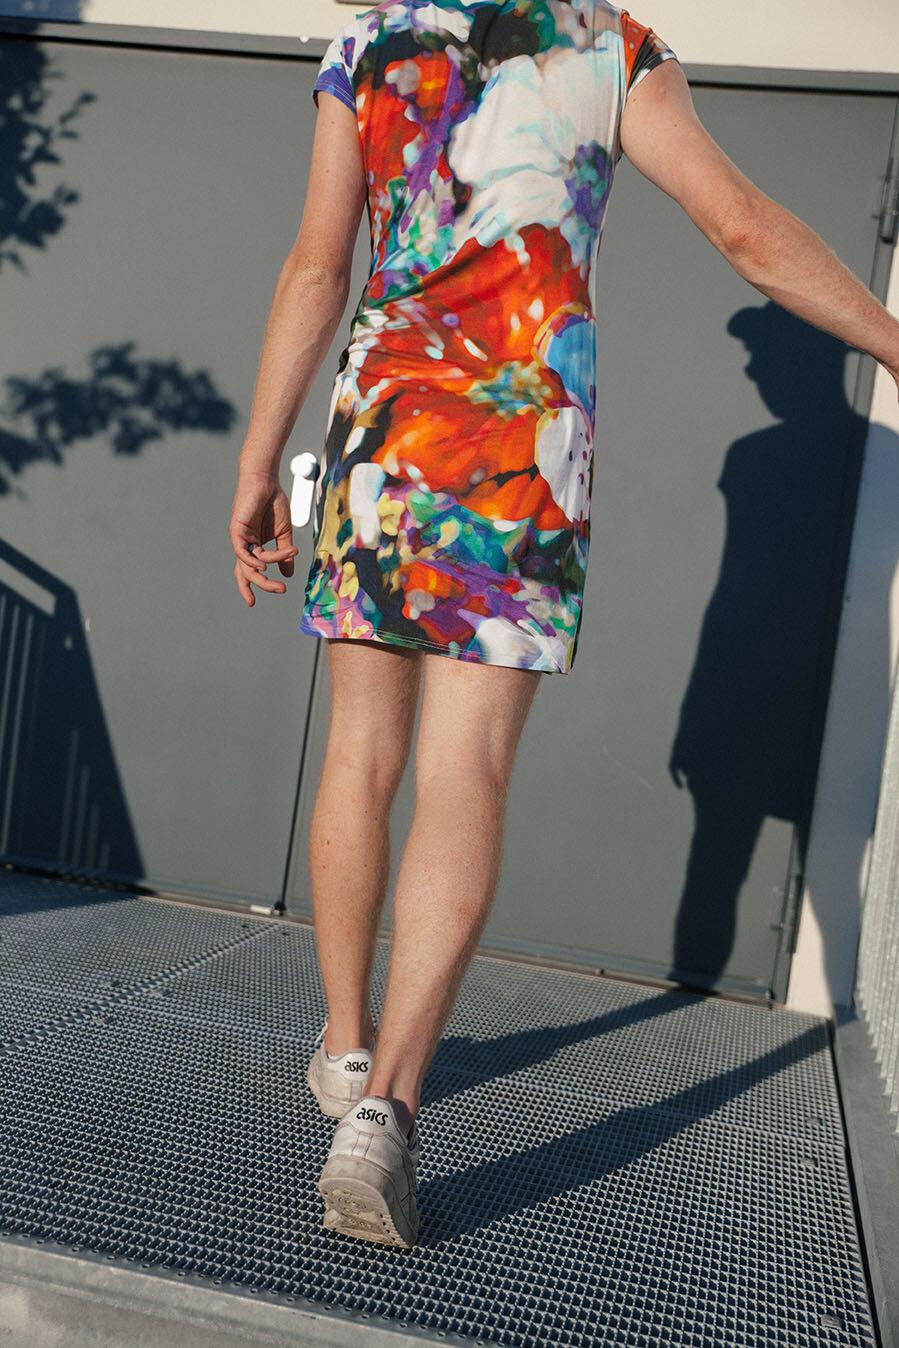 Mann im Kleid